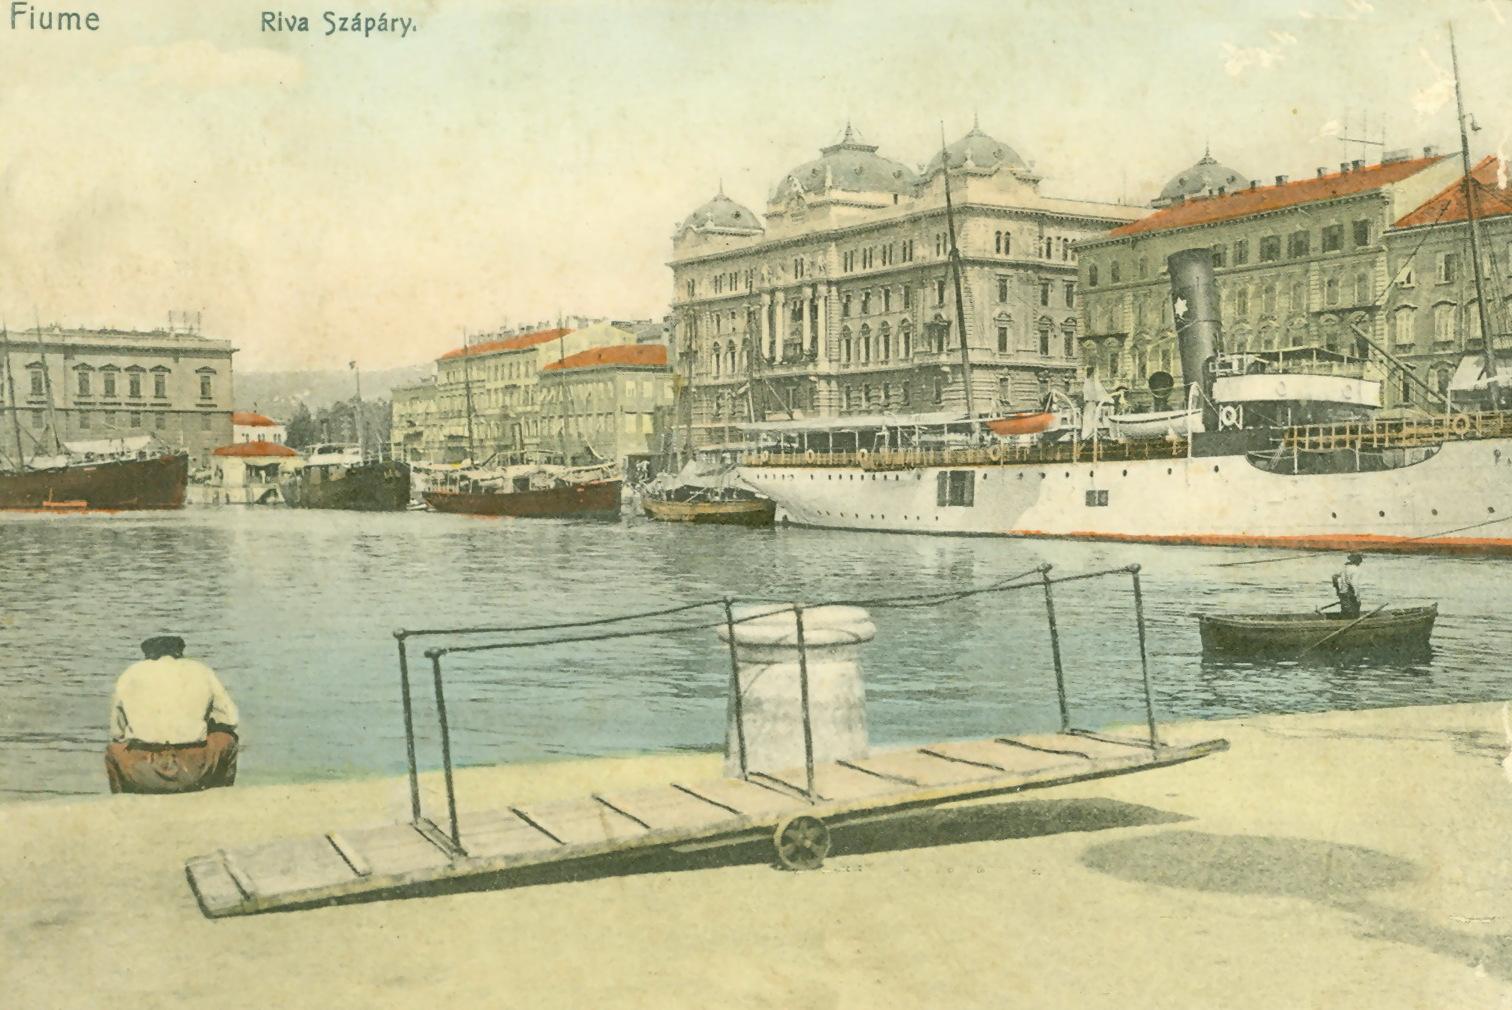 rijeka_fiume_1910_korul.jpg